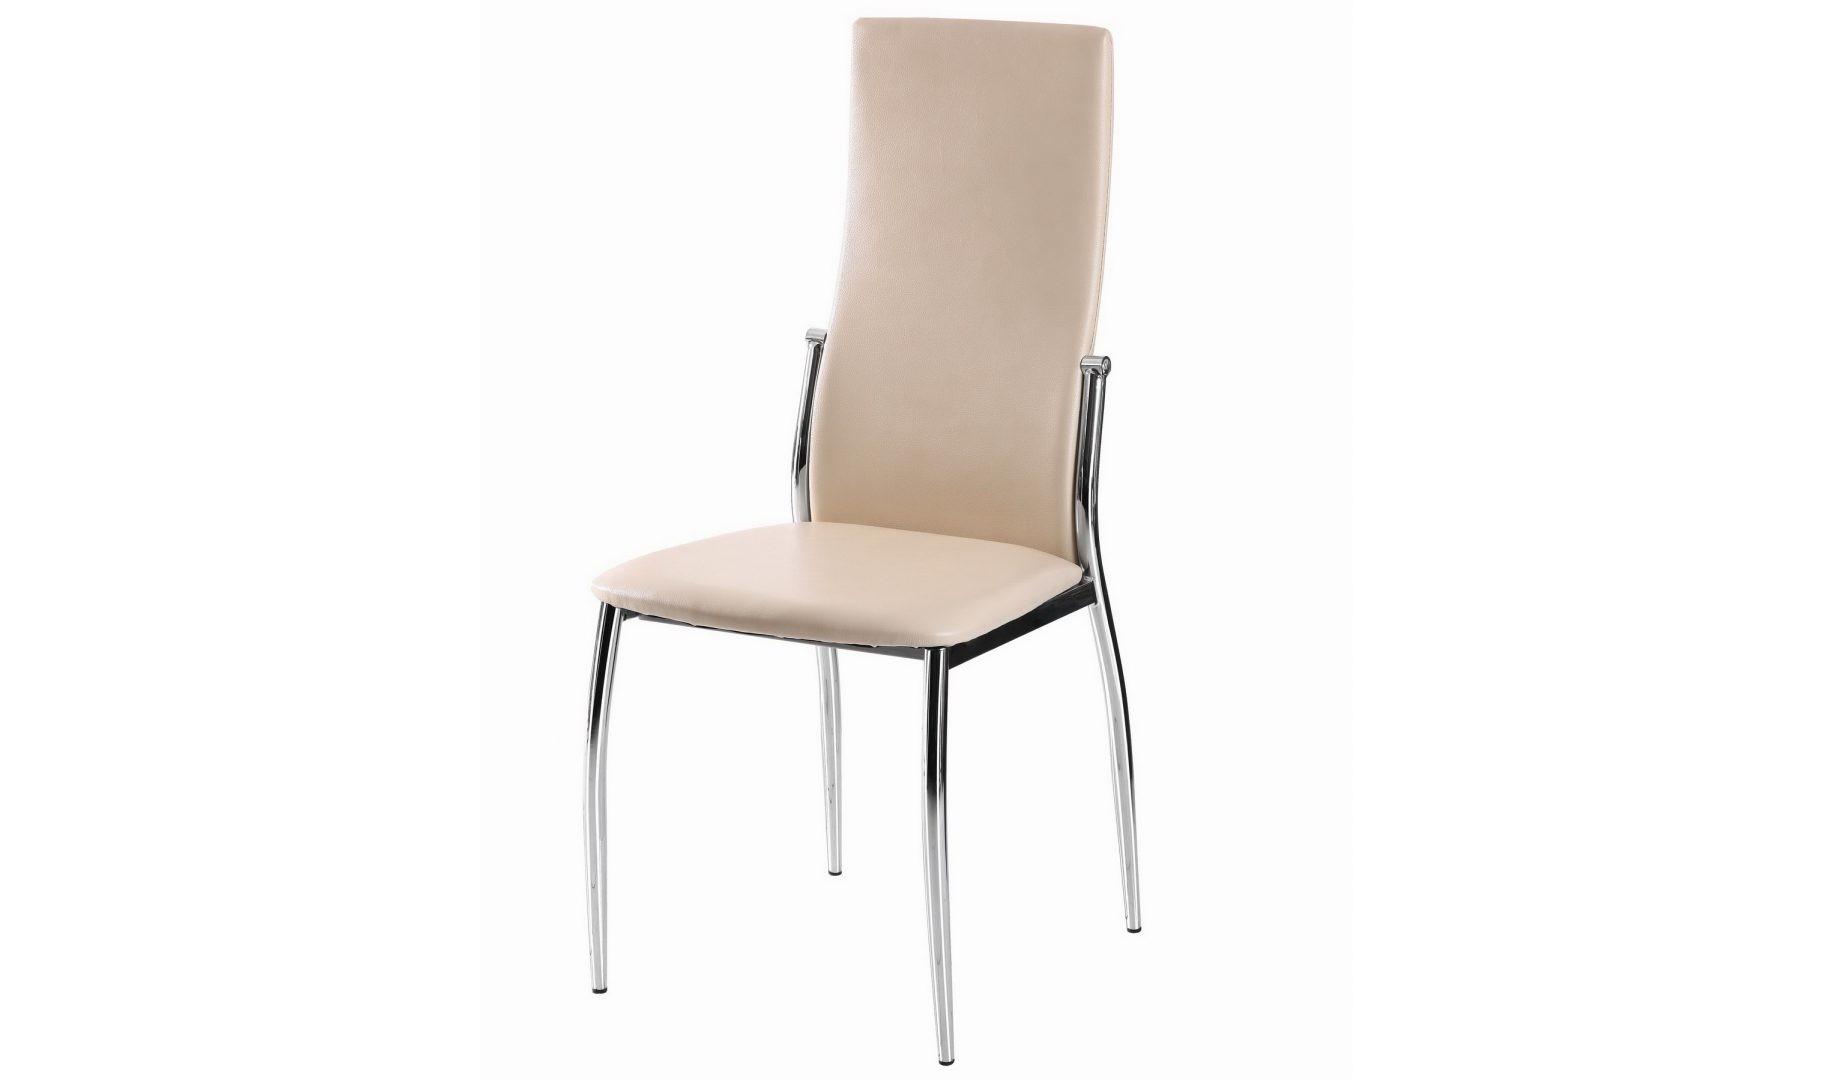 Стул 2368 (бежевый)Обеденные стулья<br><br><br>Material: Кожа<br>Ширина см: 45<br>Высота см: 100<br>Глубина см: 51